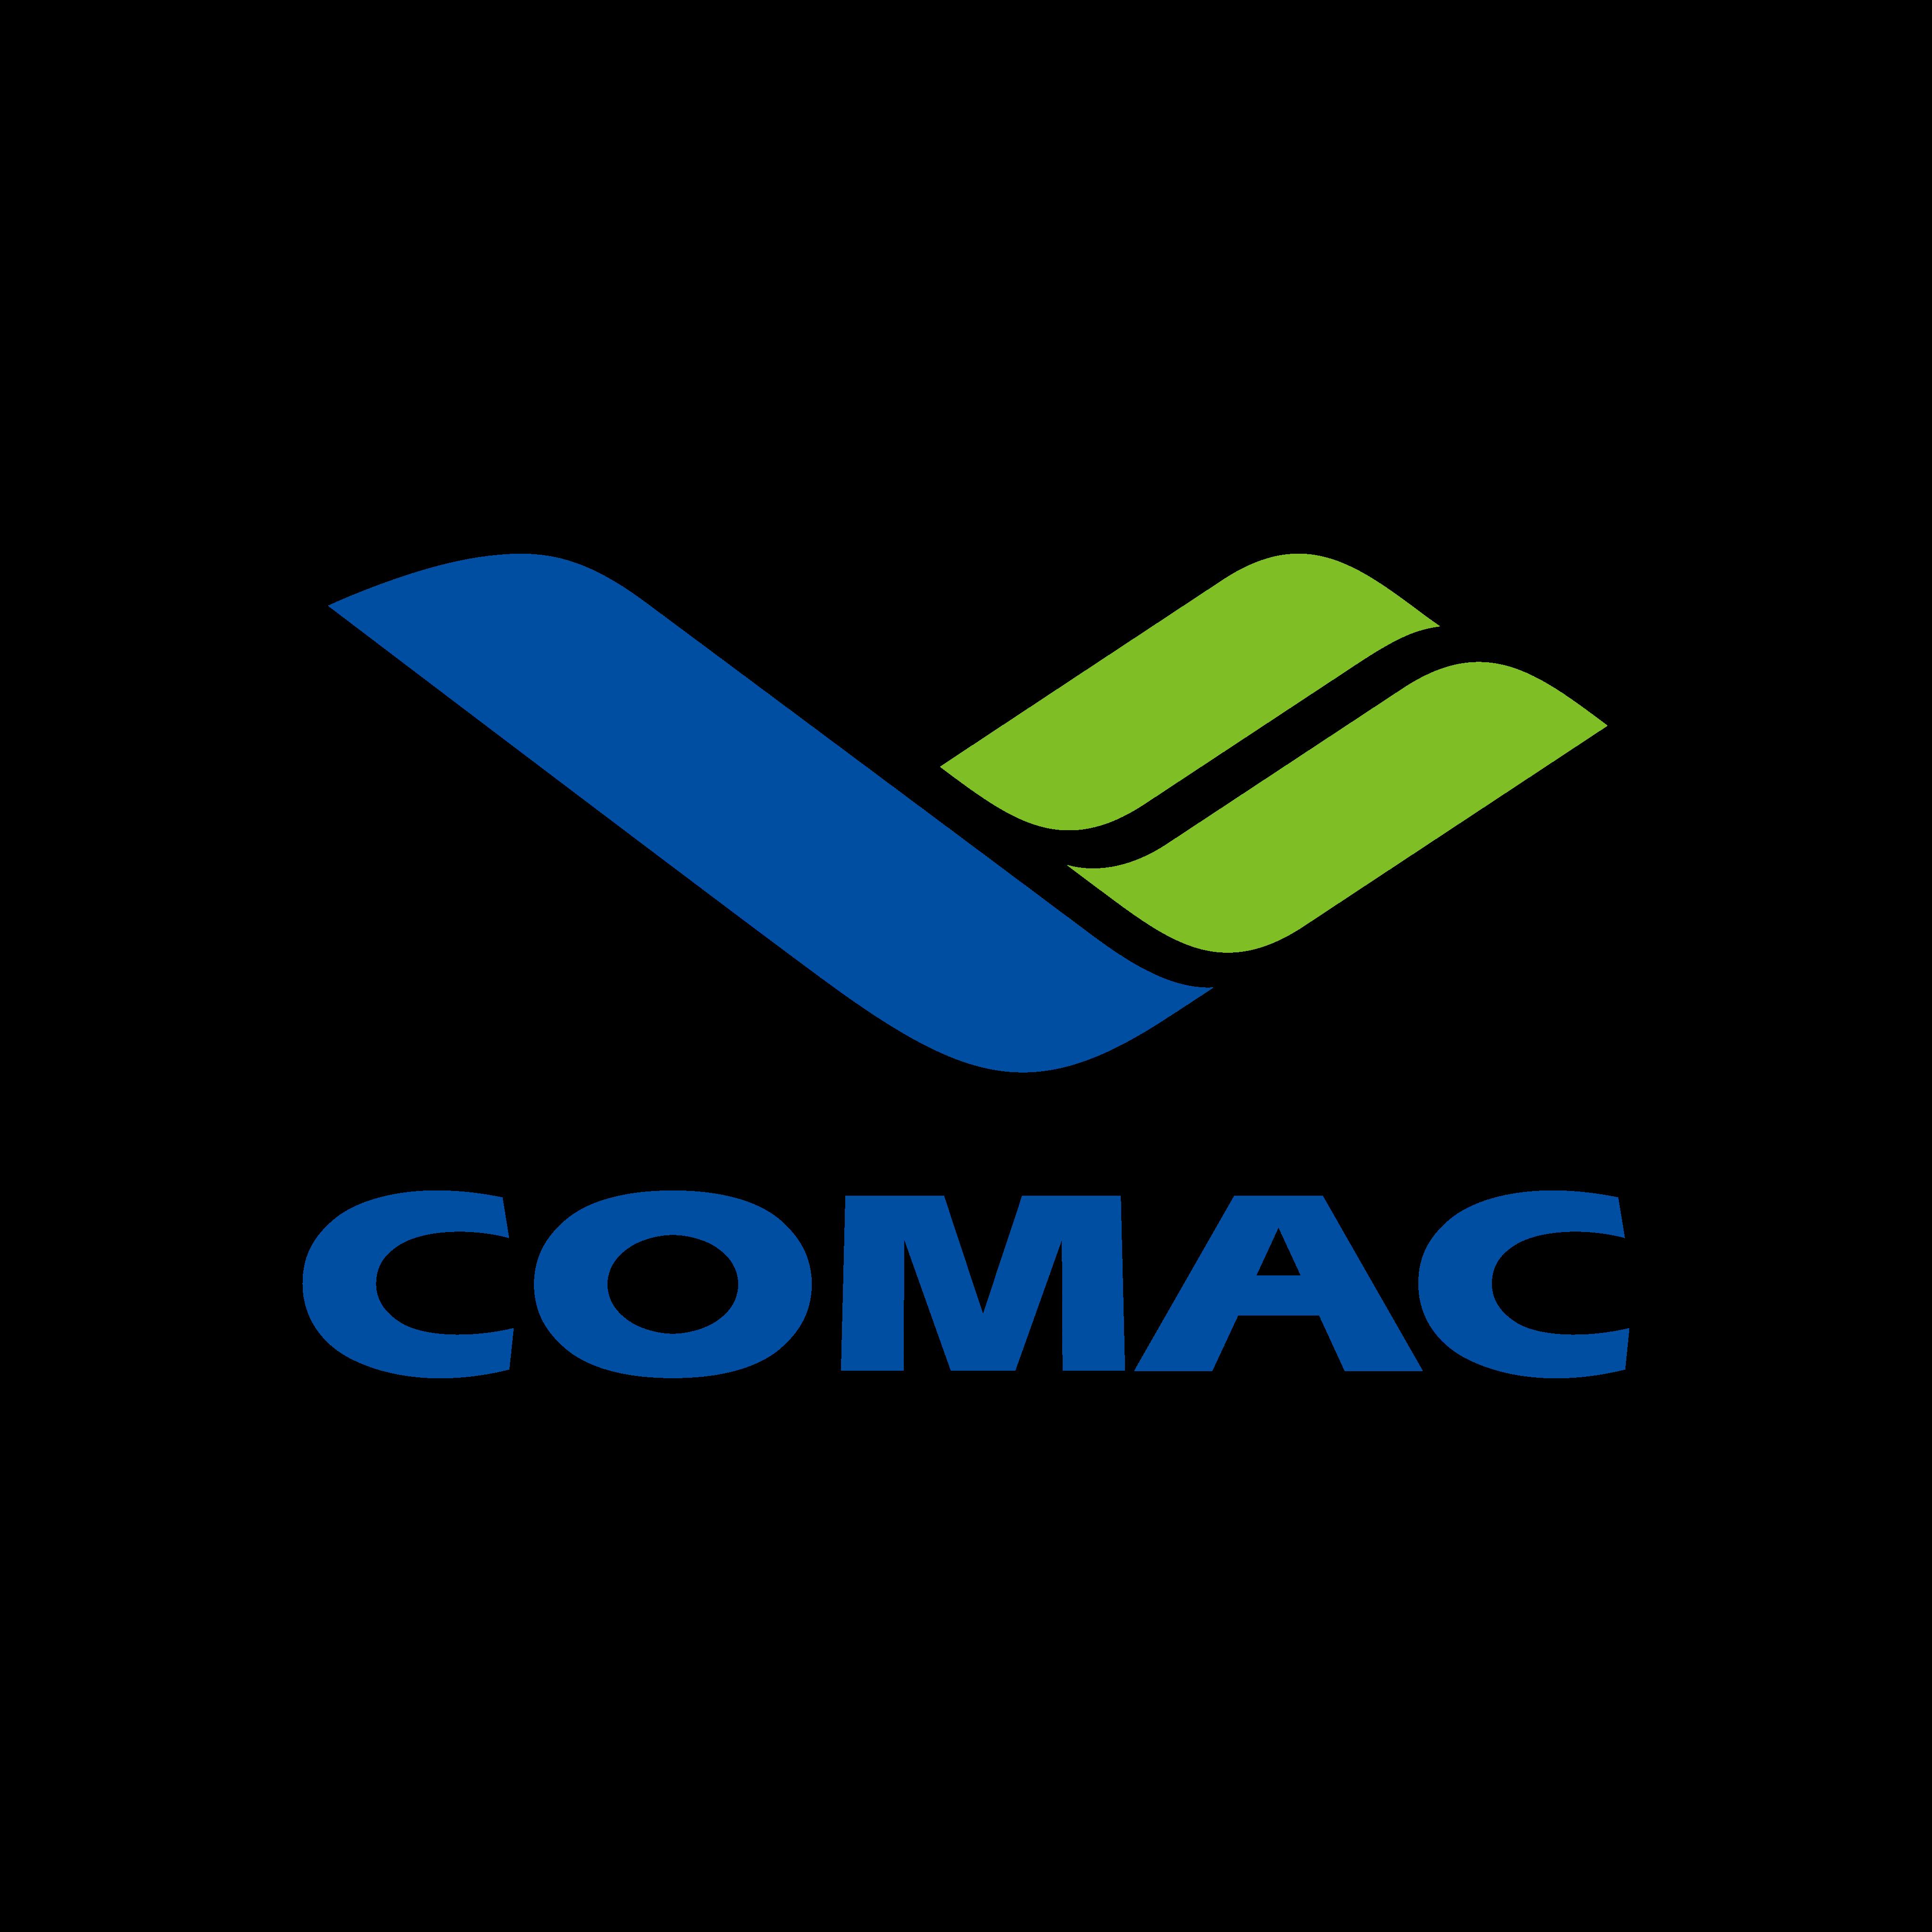 comac logo 0 - COMAC Logo